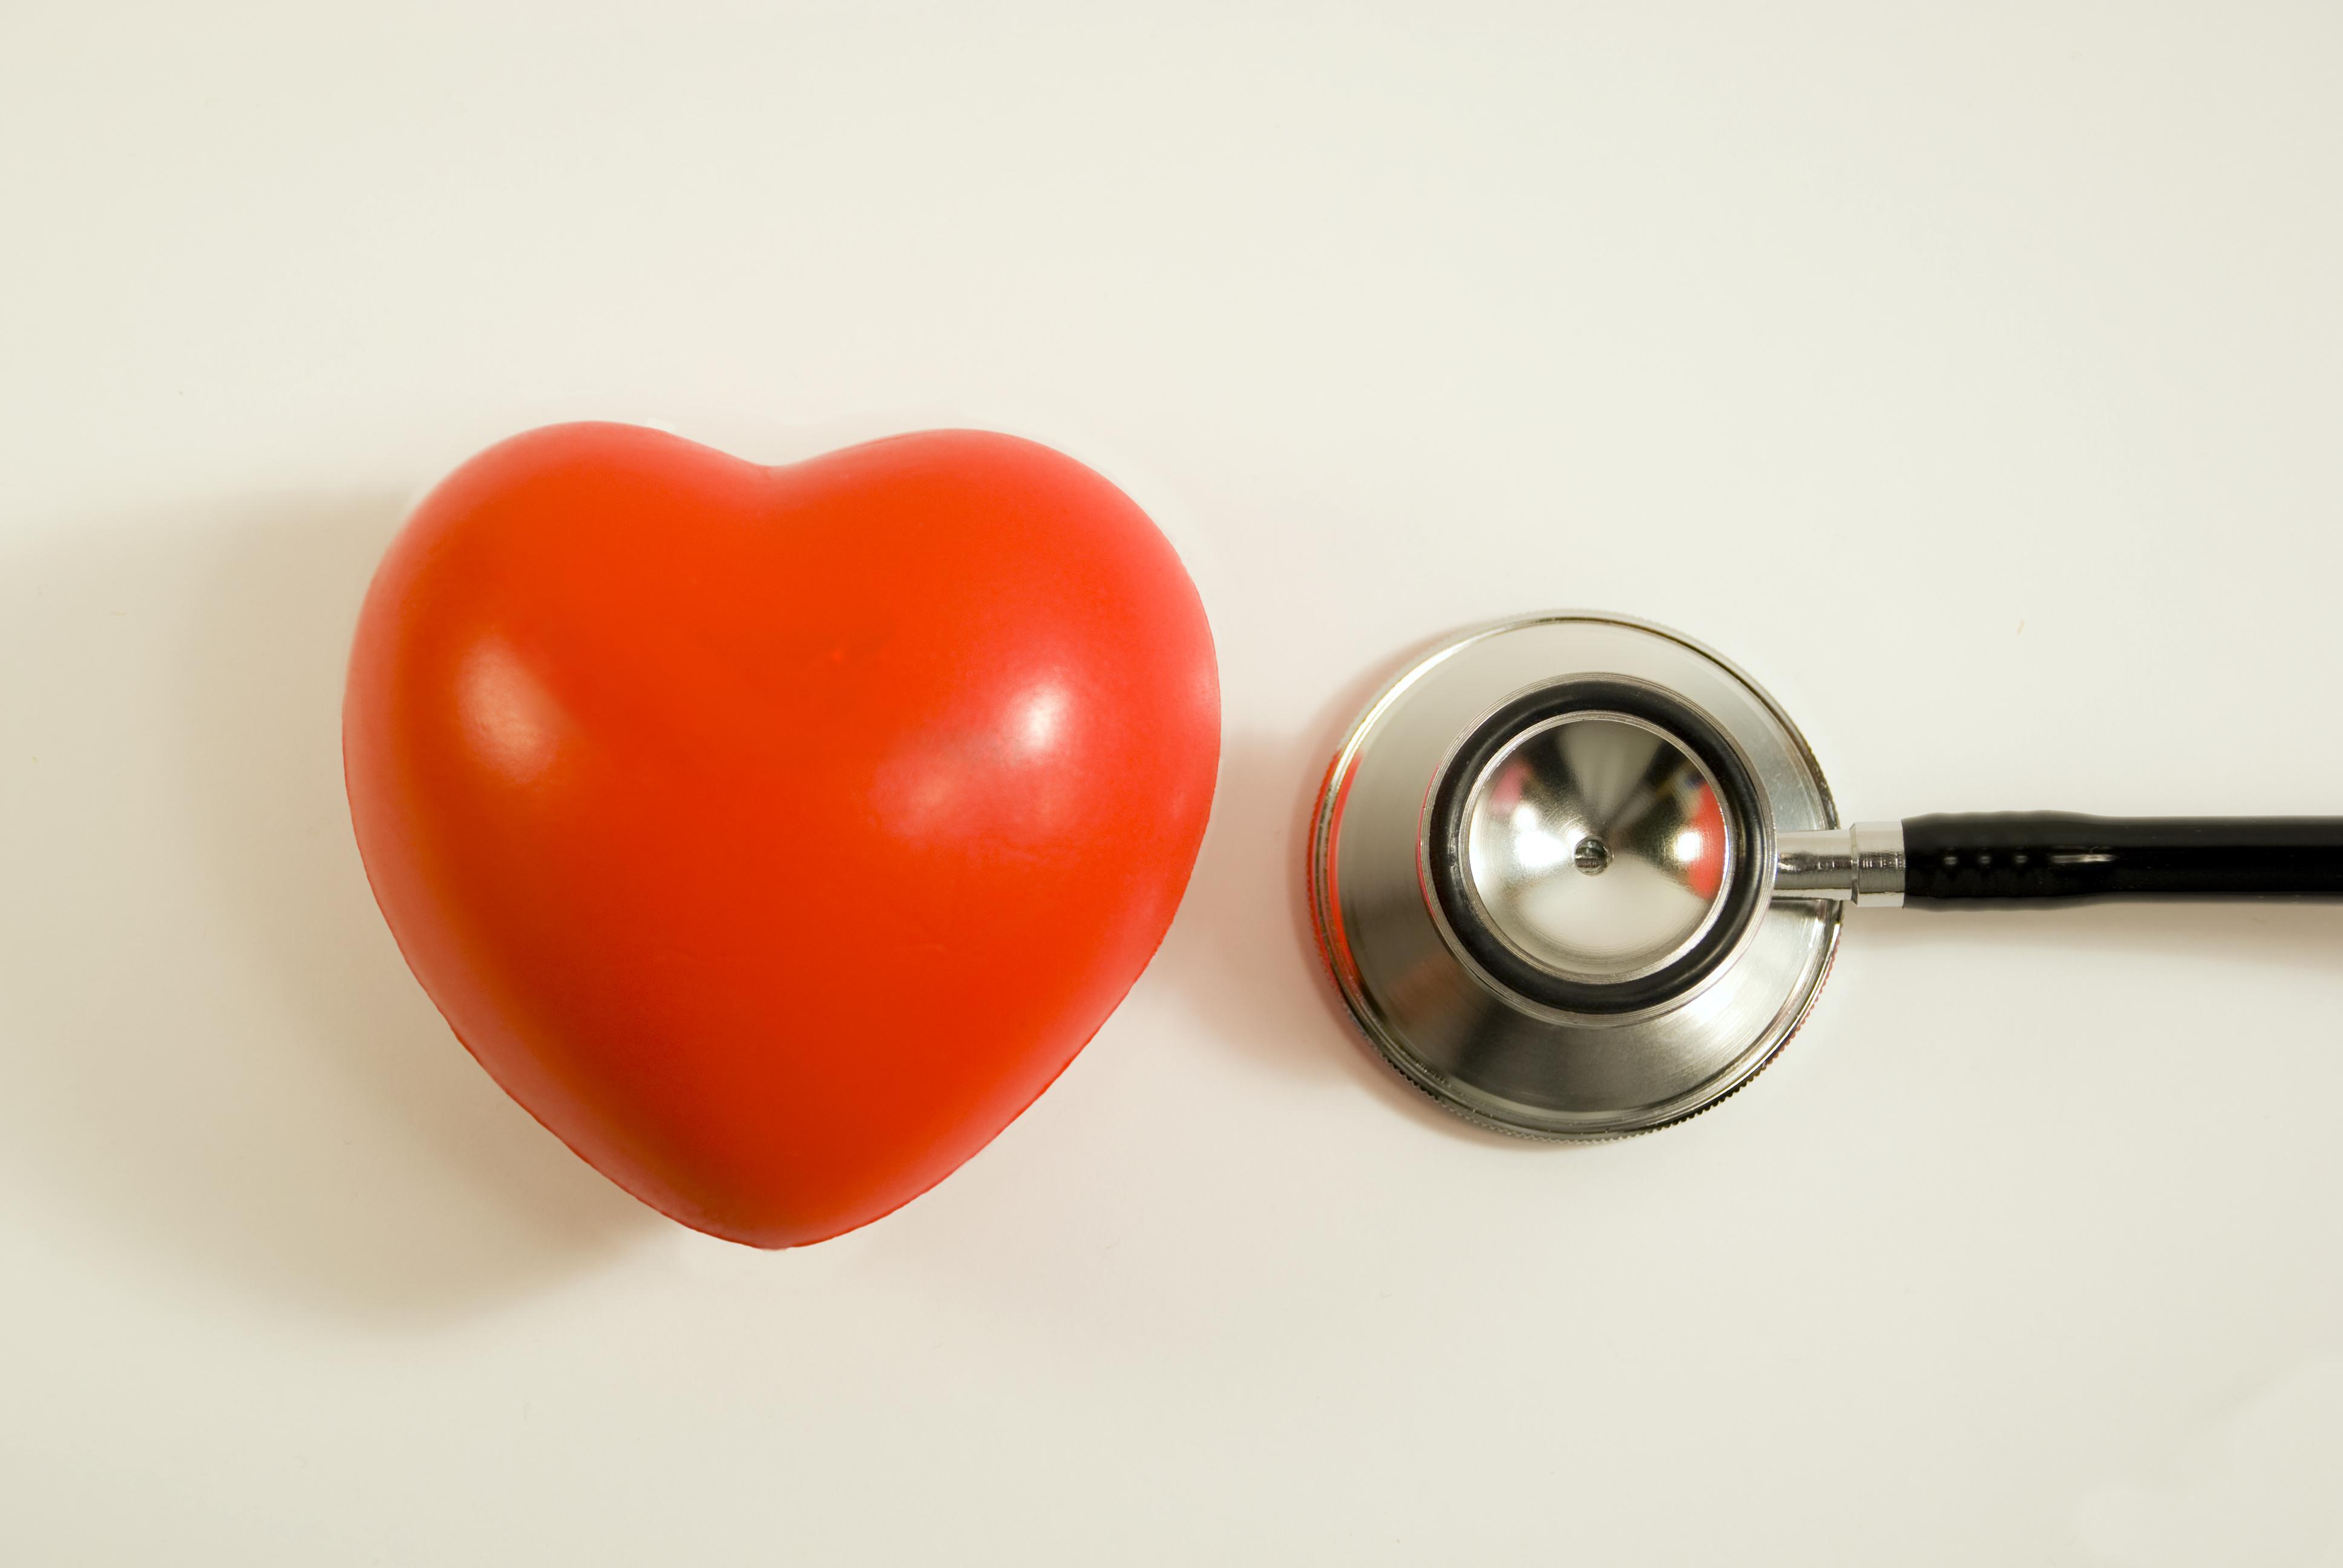 Herz – Kreislaufbeschwerden